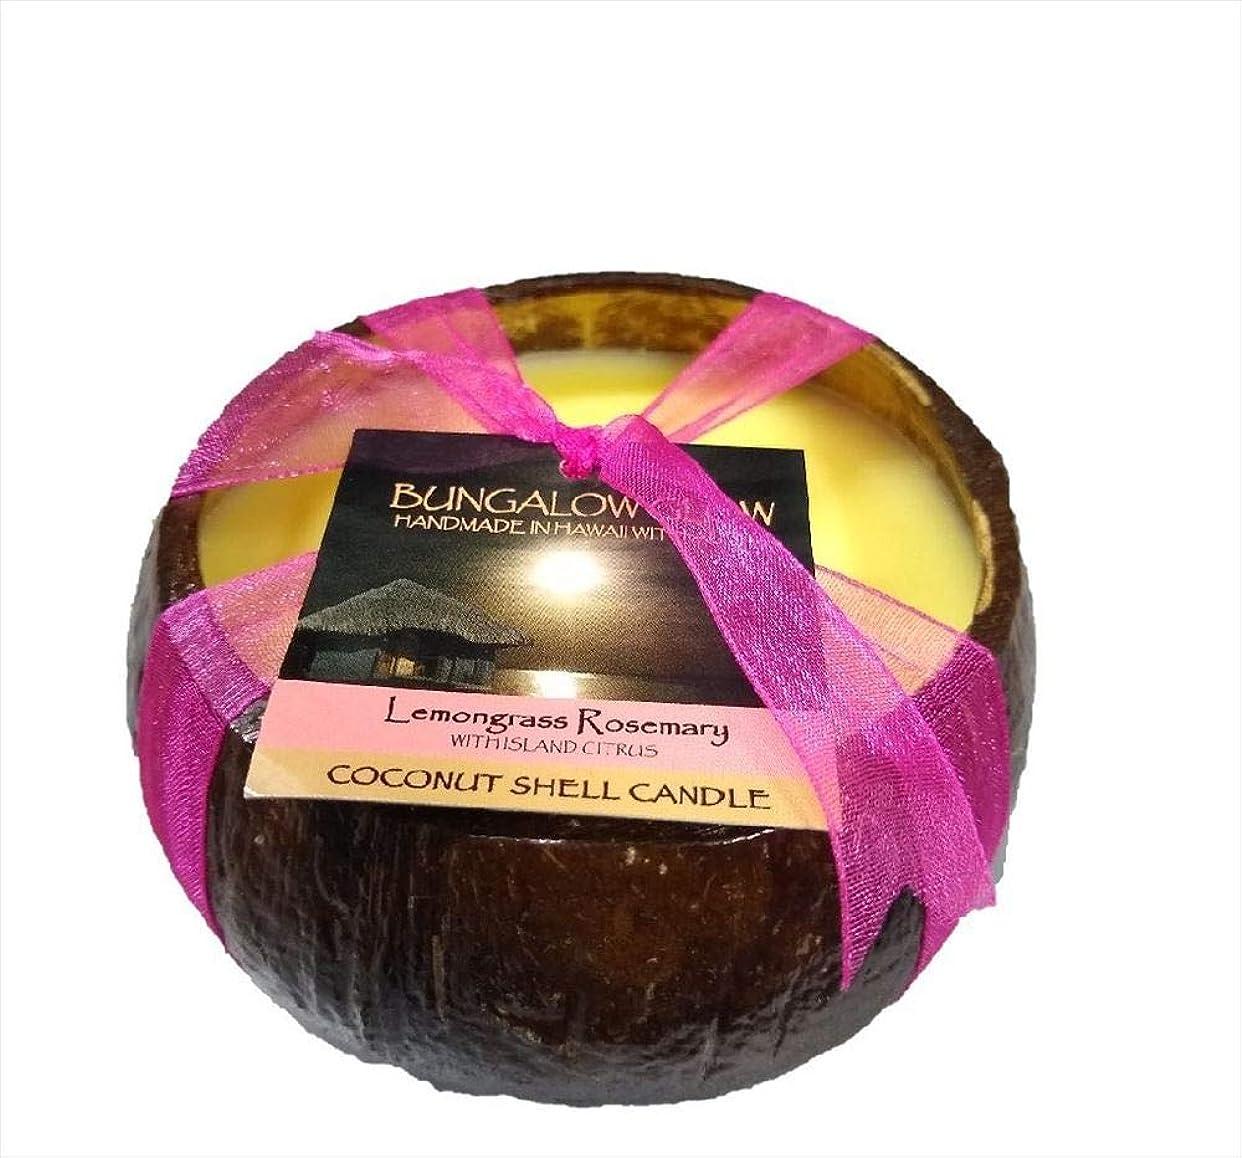 ディレクター限り合唱団【正規輸入品】 バブルシャック?ハワイ Bubble shack Coconut Shell candle ココナッツシェルキャンドル lemongrass rosemary レモングラスローズマリー 500g